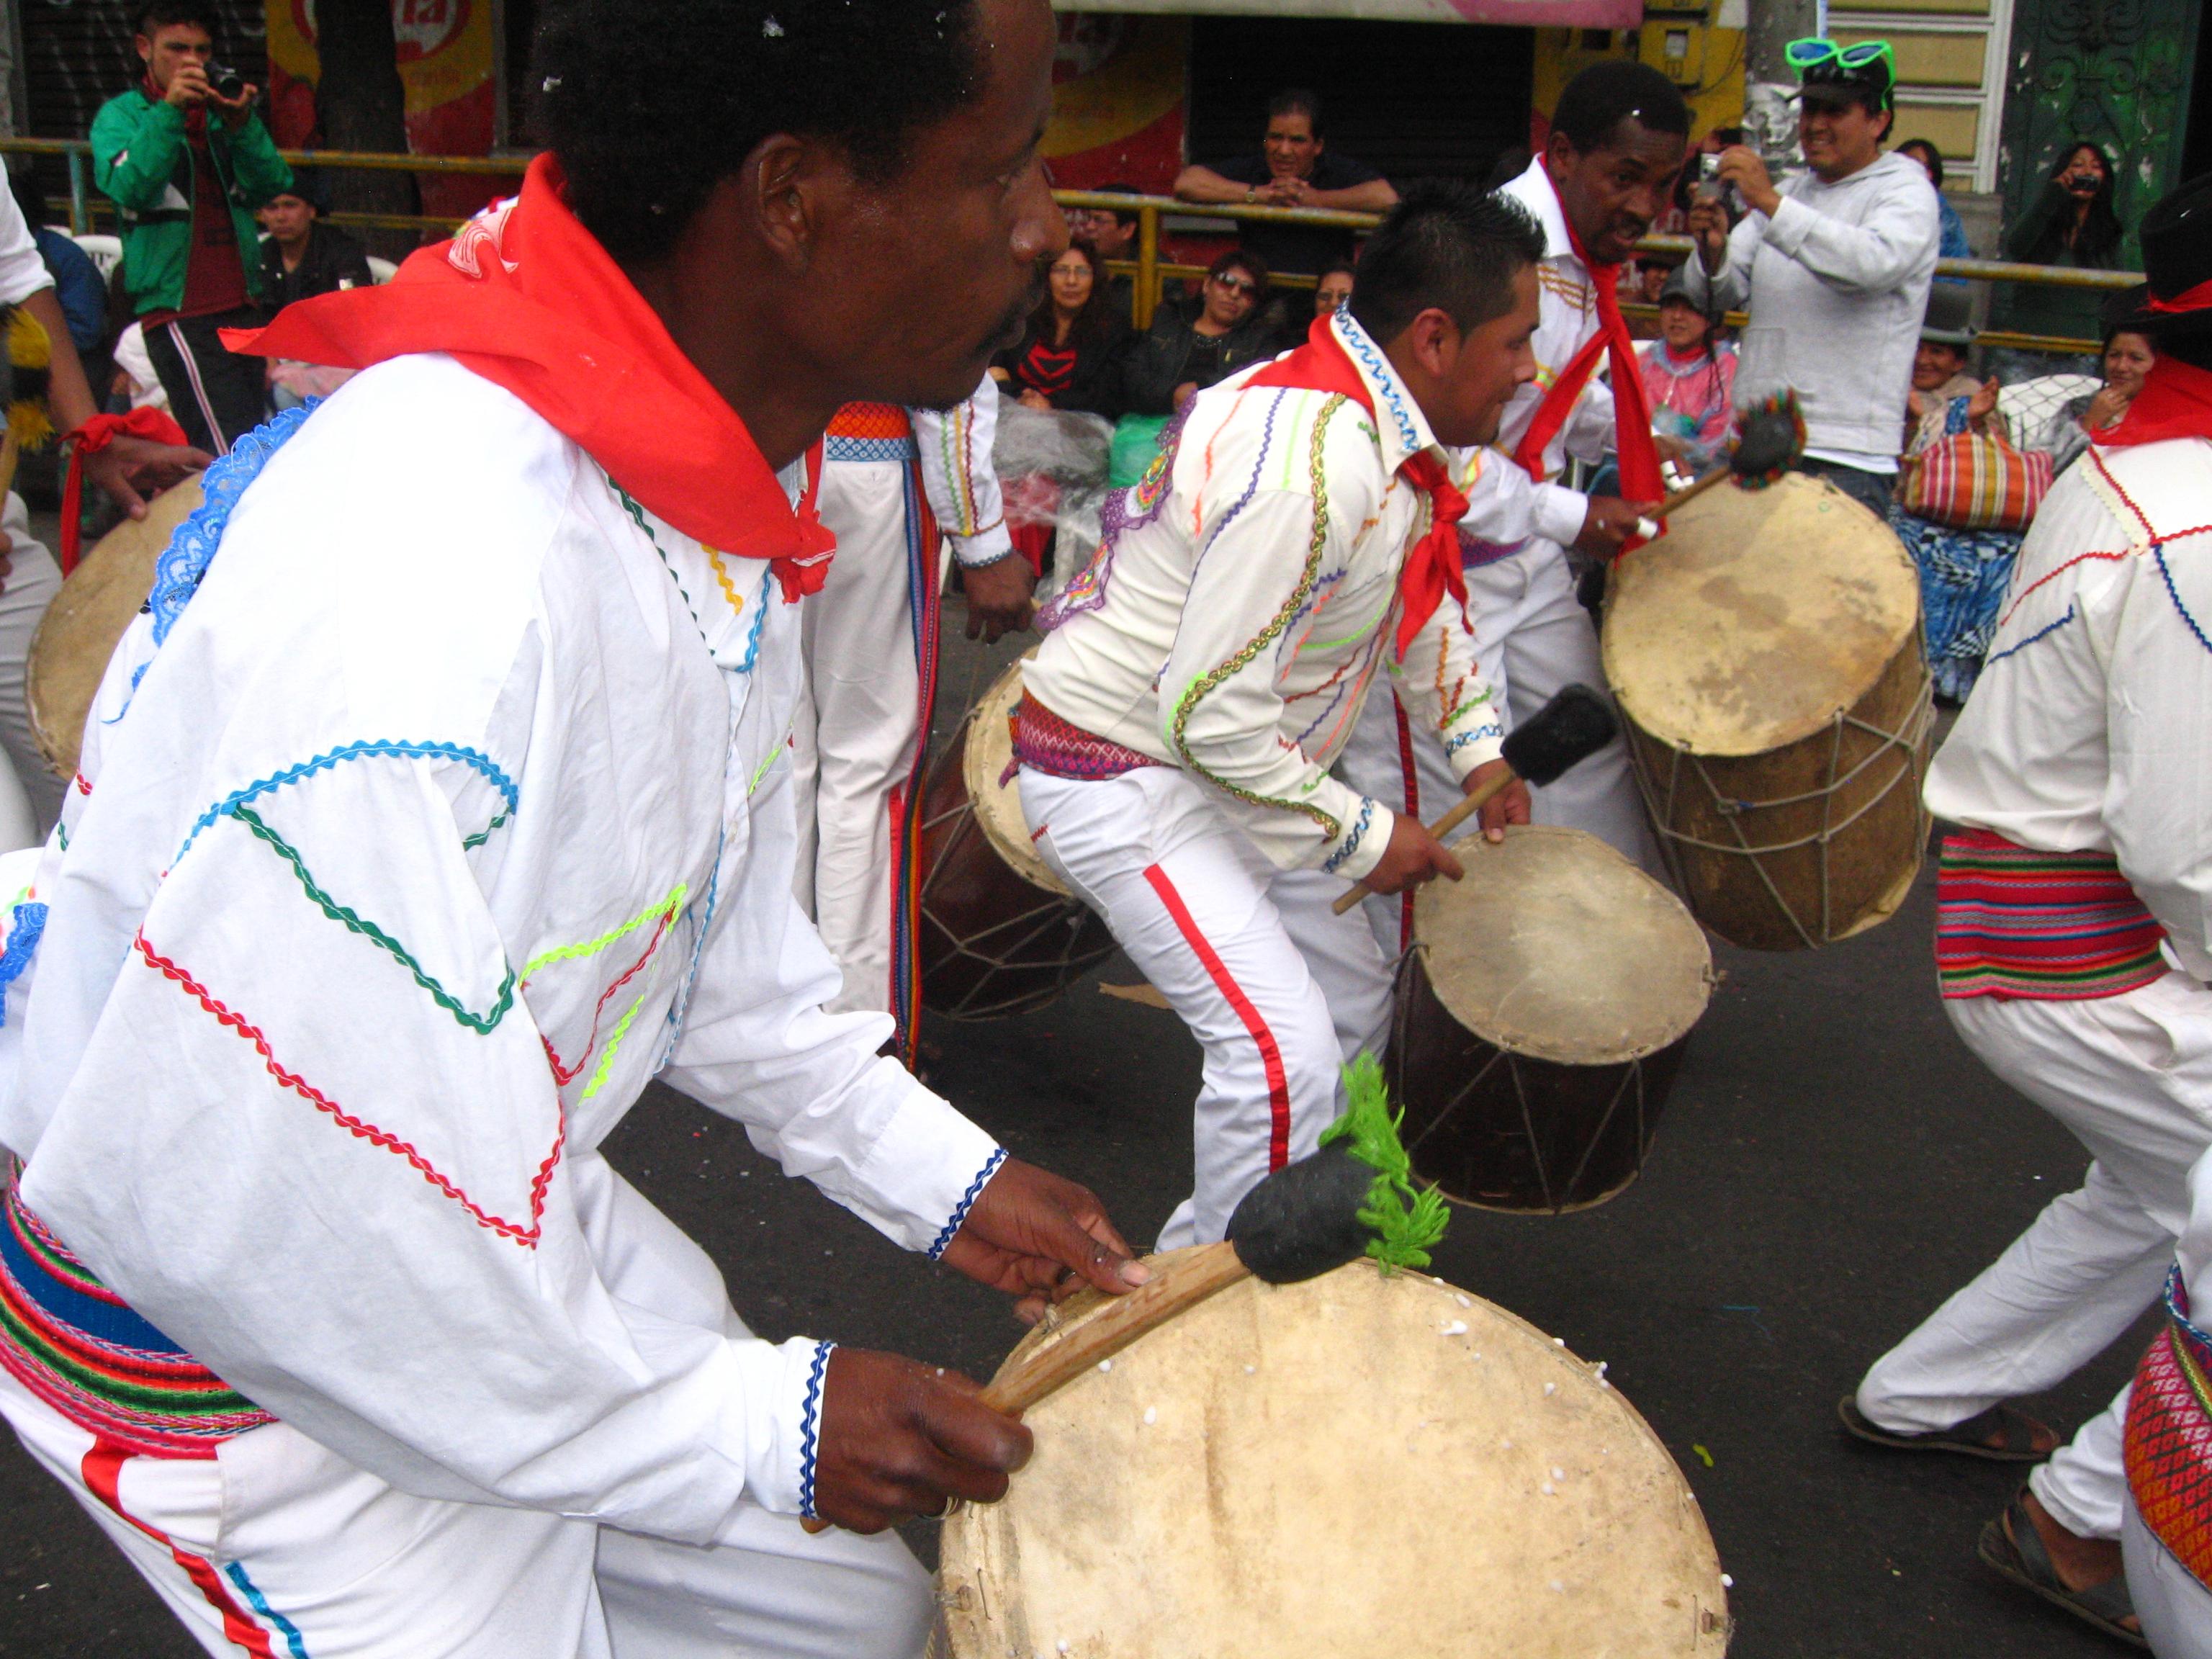 Carnaval in La Paz